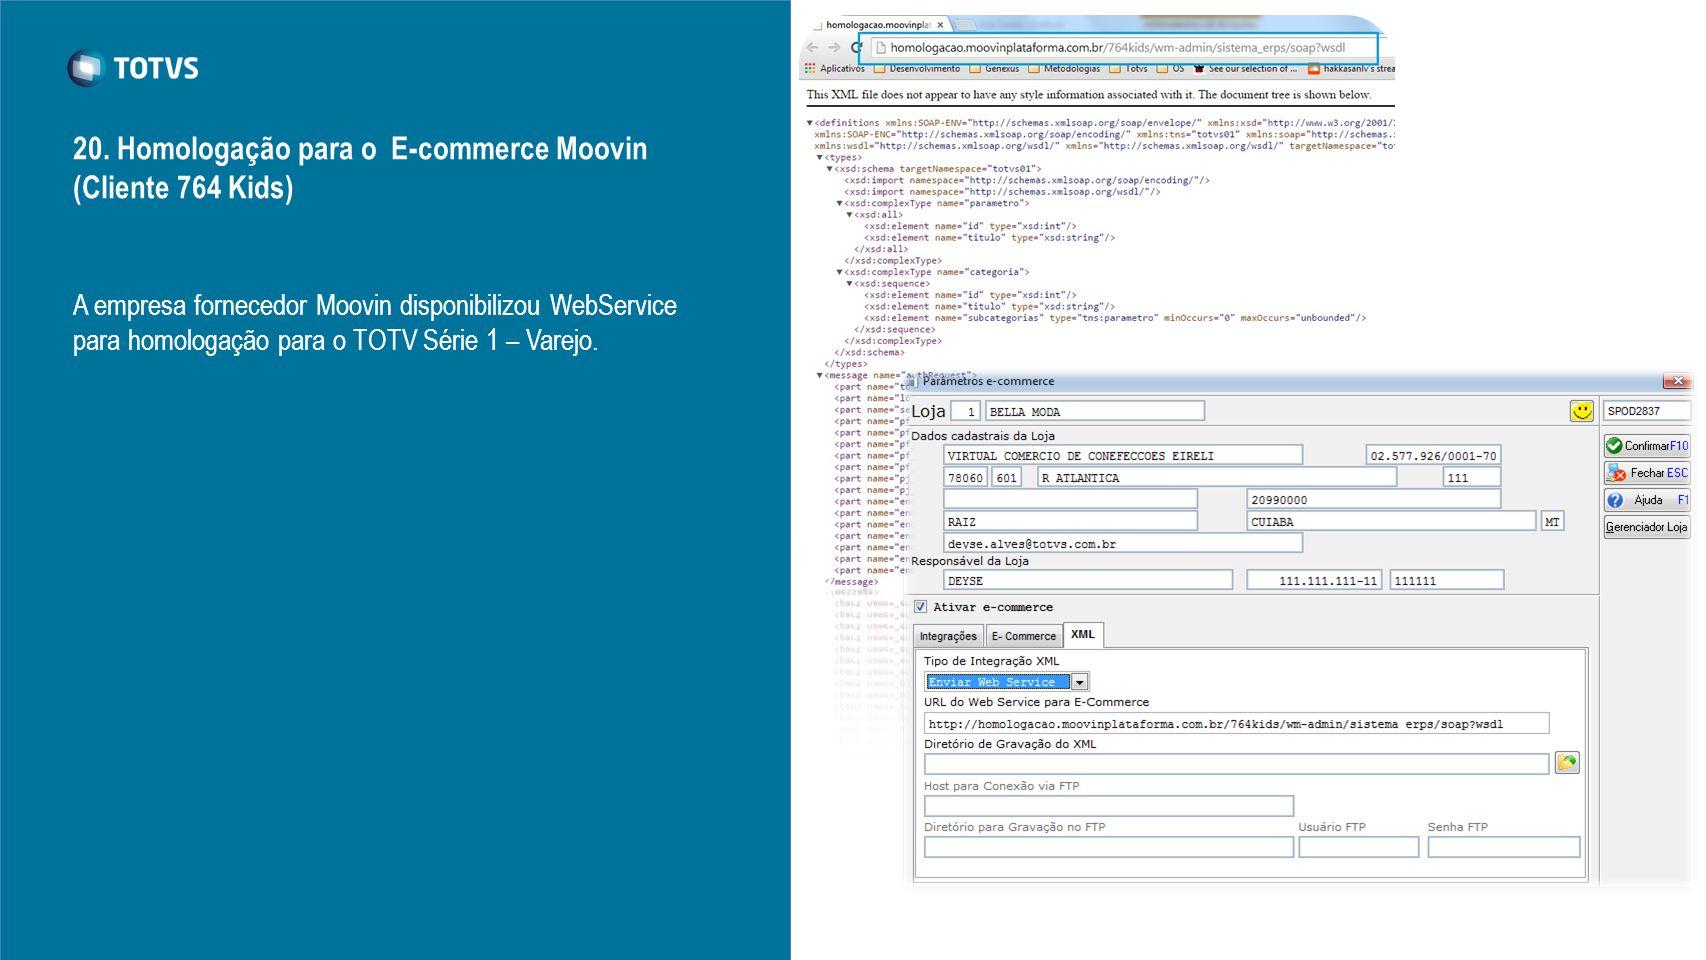 A empresa fornecedor Moovin disponibilizou WebService para homologação para o TOTV Série 1 – Varejo.